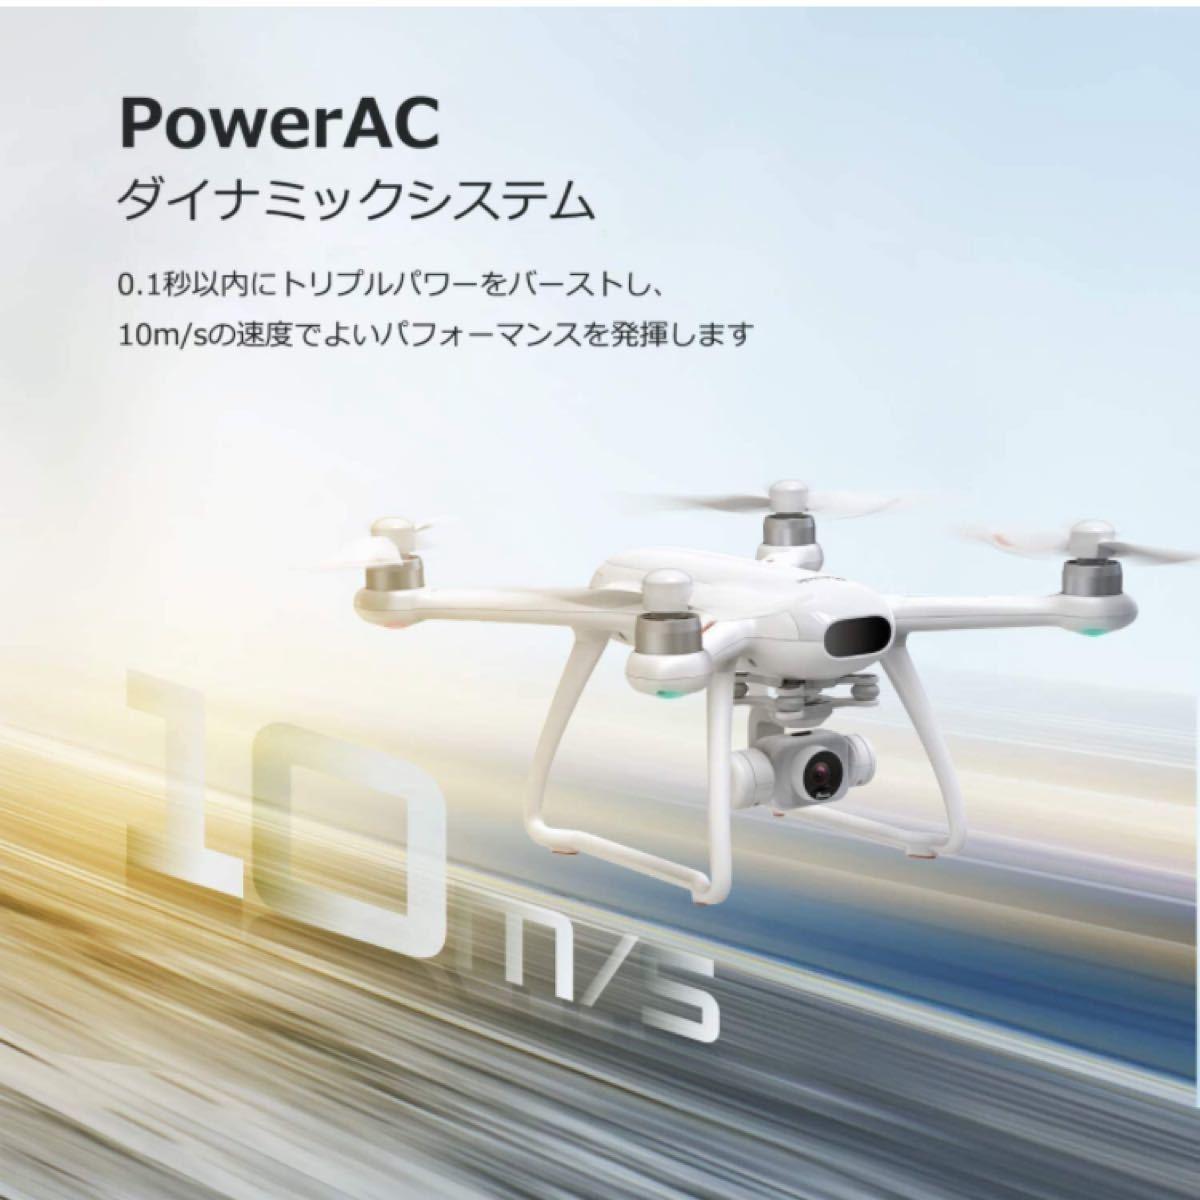 ドローン FLY Potensic 4K HDカメラ